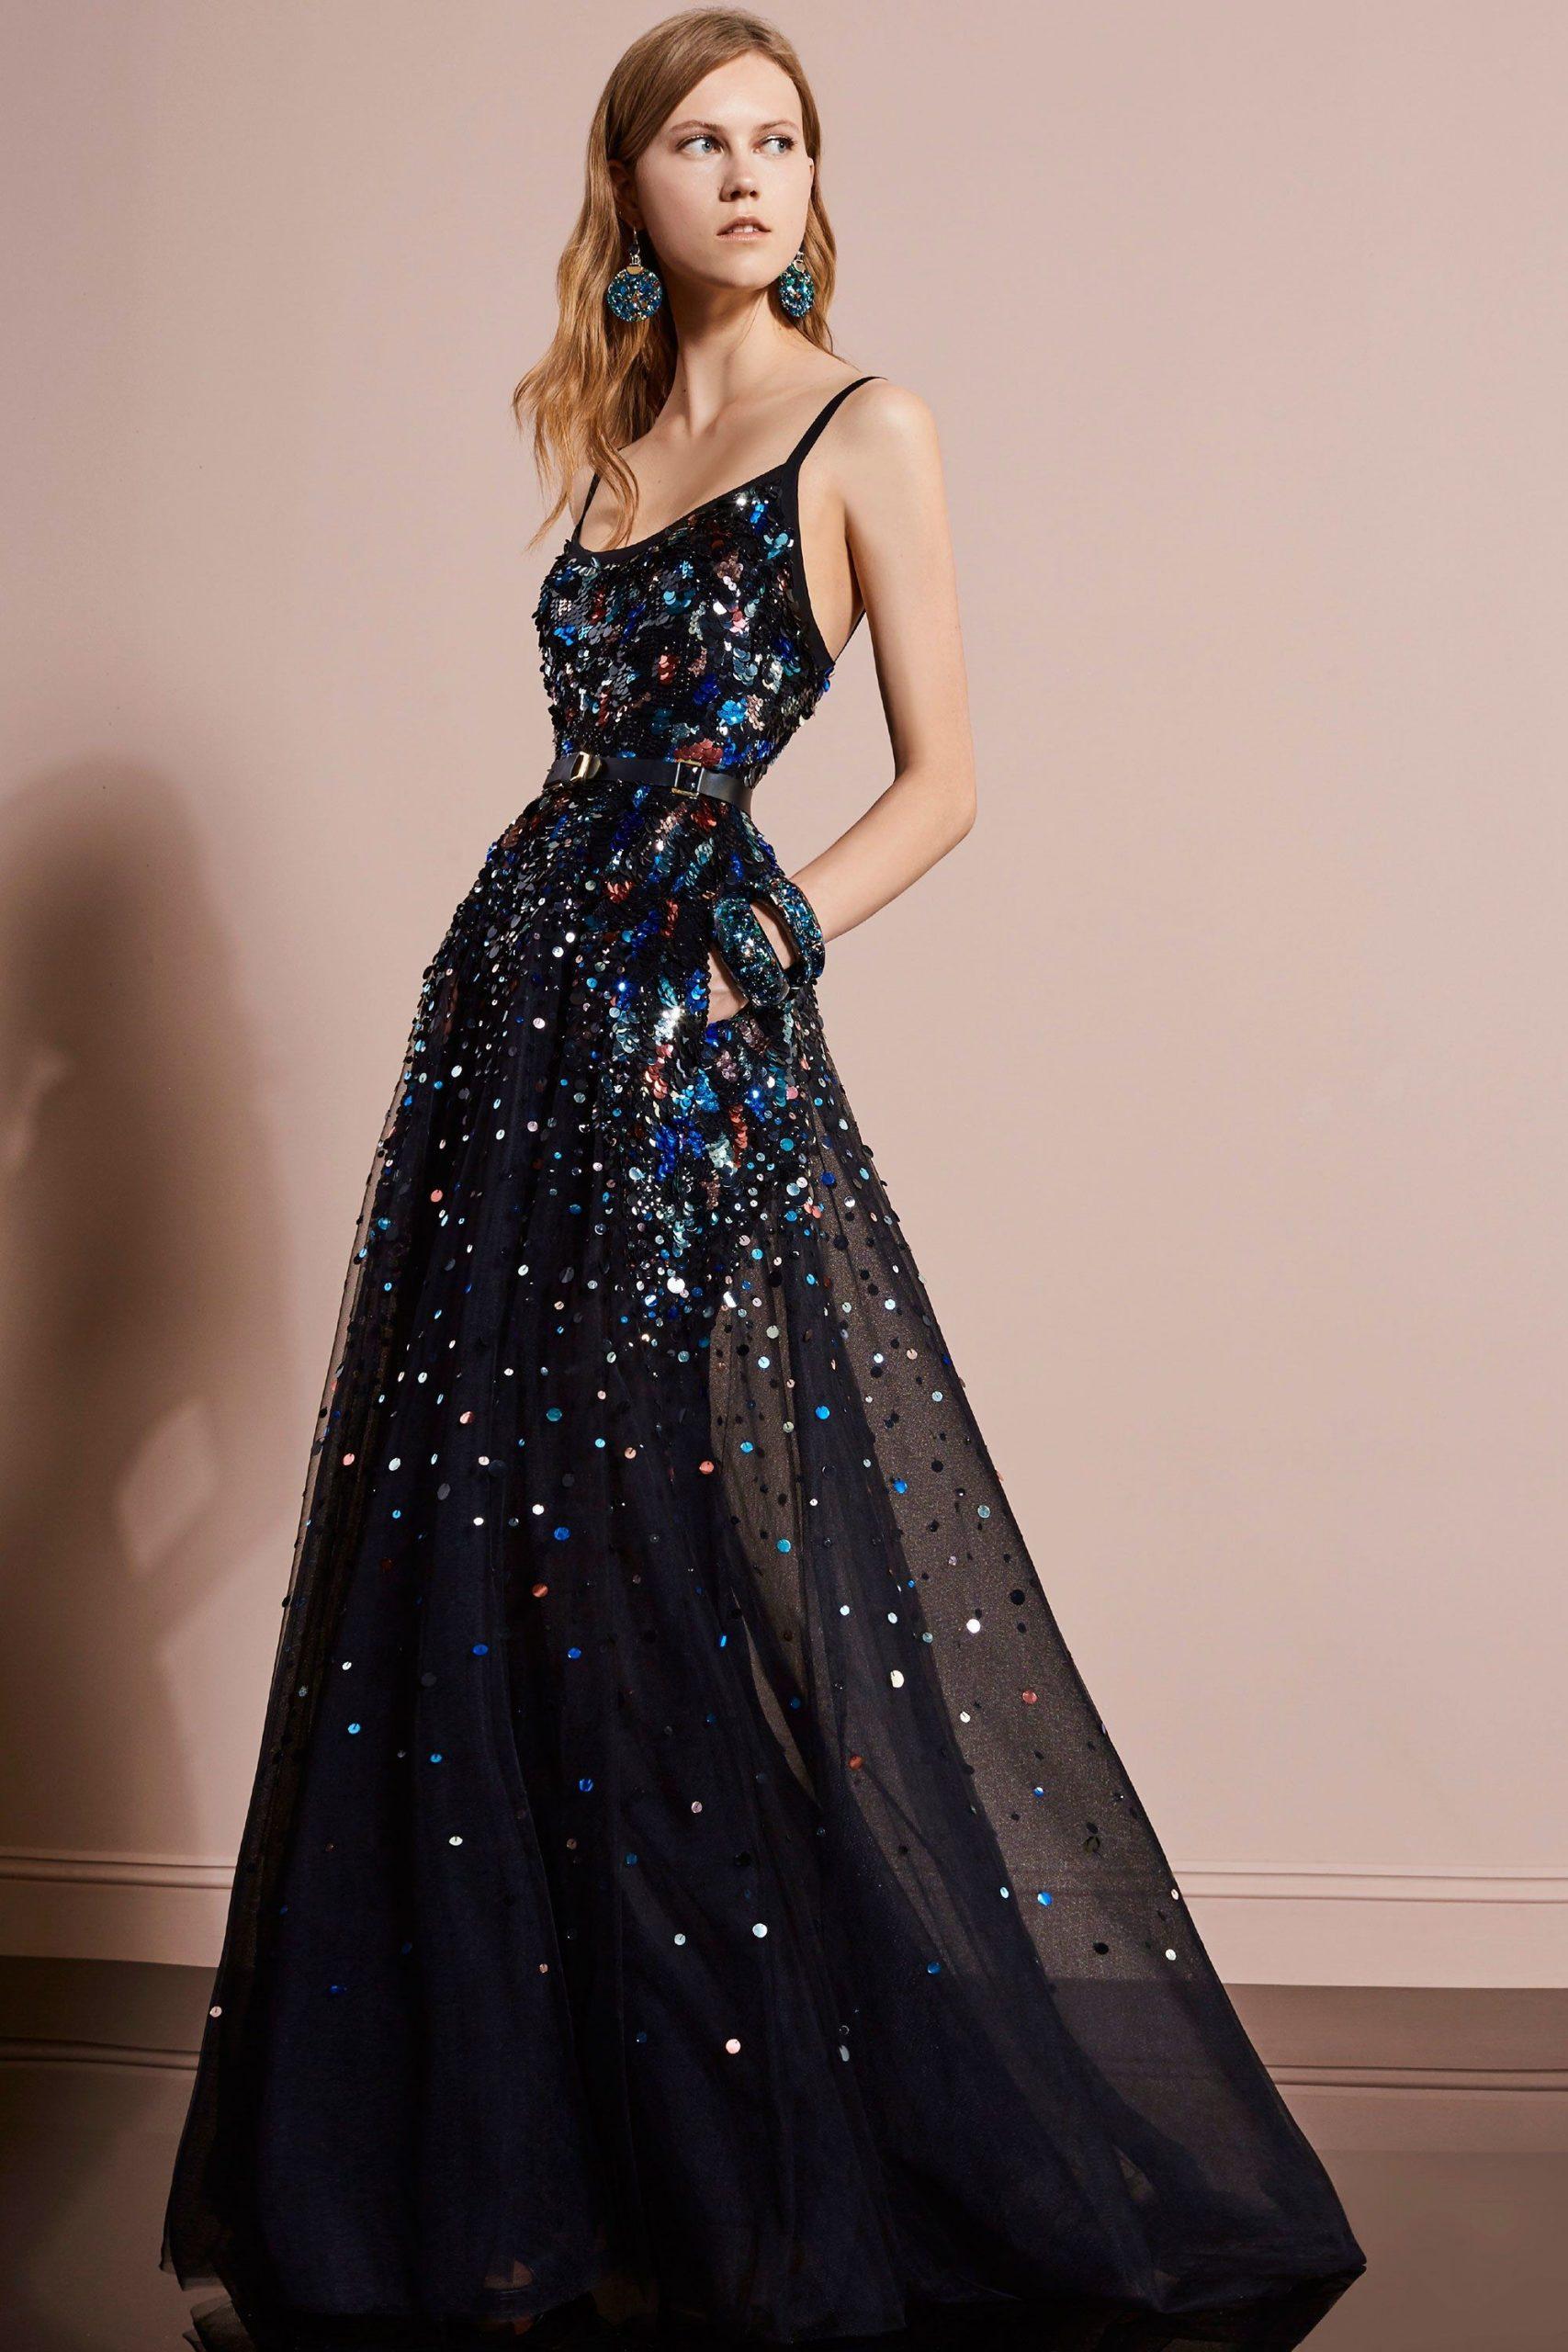 20 Spektakulär Quelle Abendkleider Vertrieb13 Cool Quelle Abendkleider Boutique